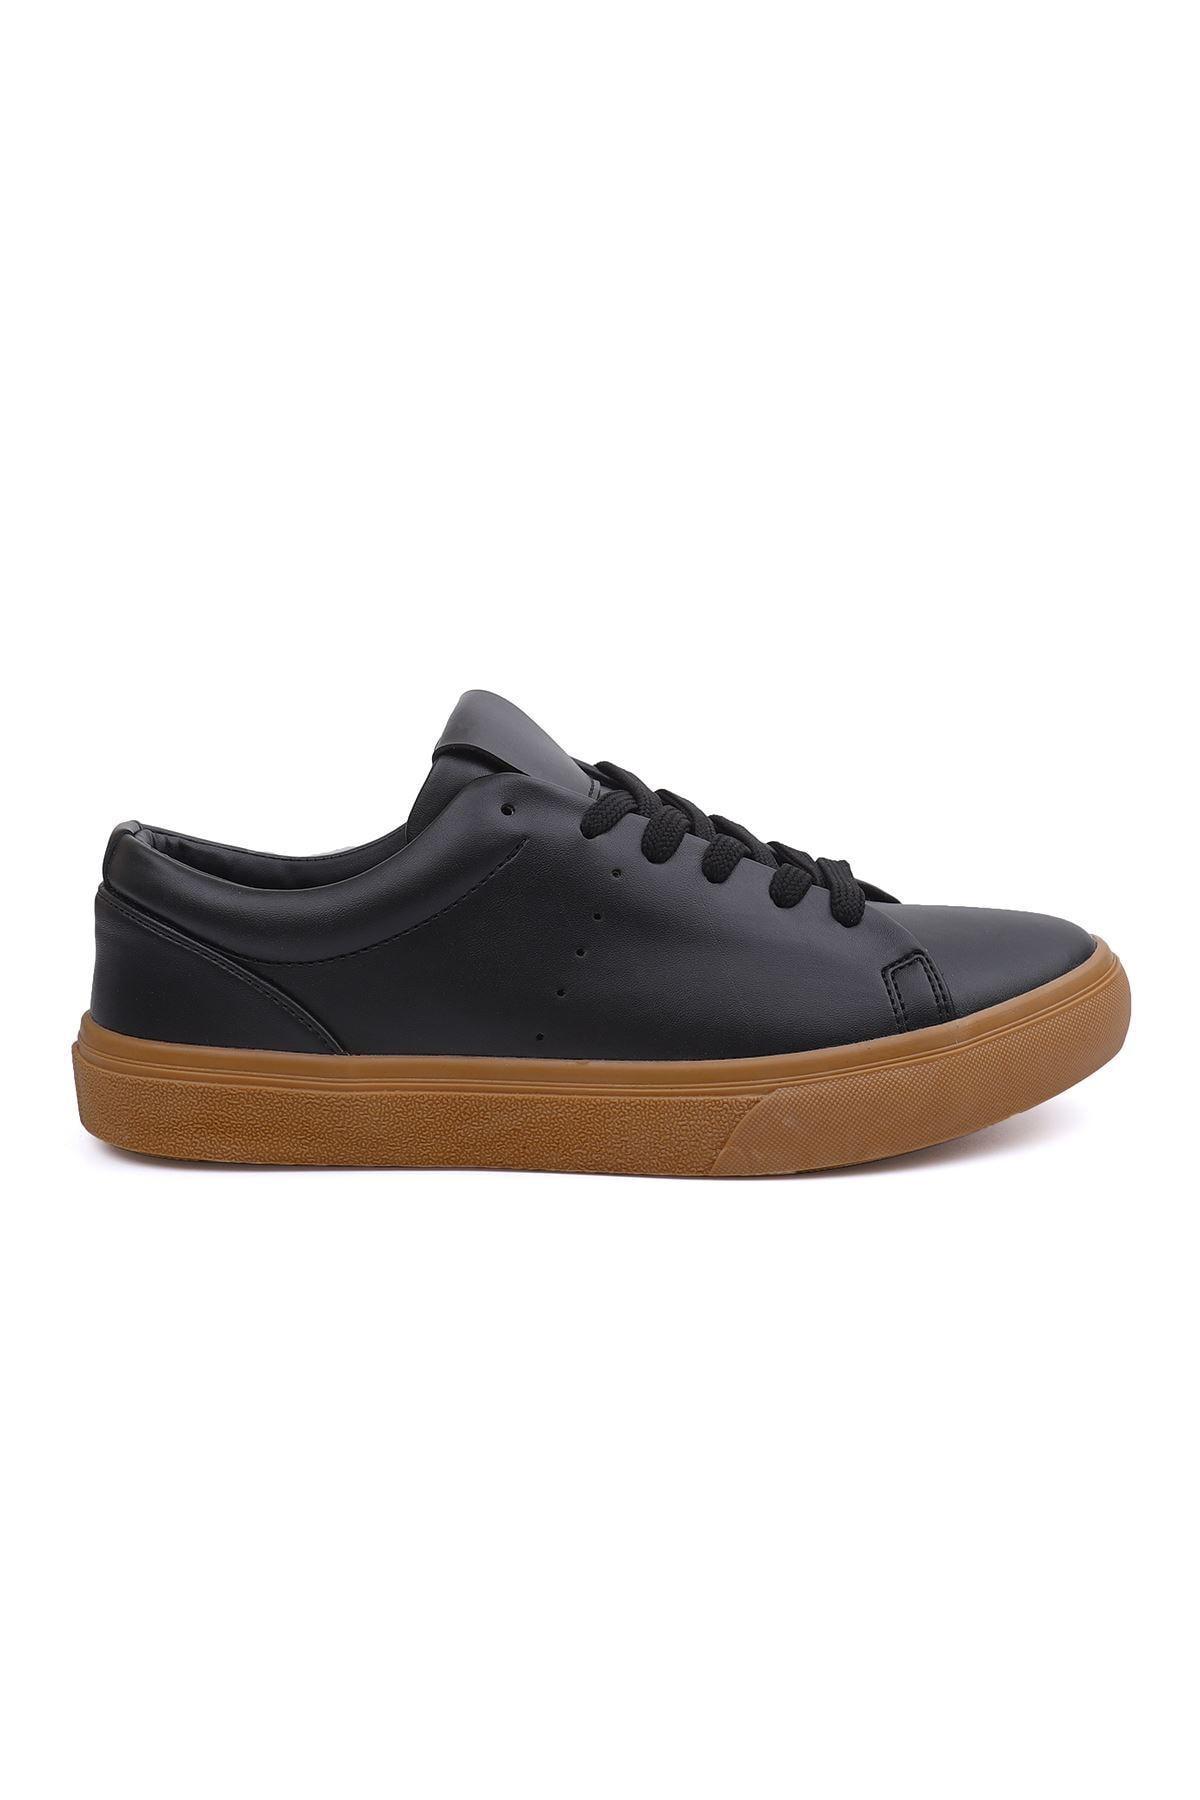 LETOON 3537 Erkek Siyah Spor Ayakkabı 2